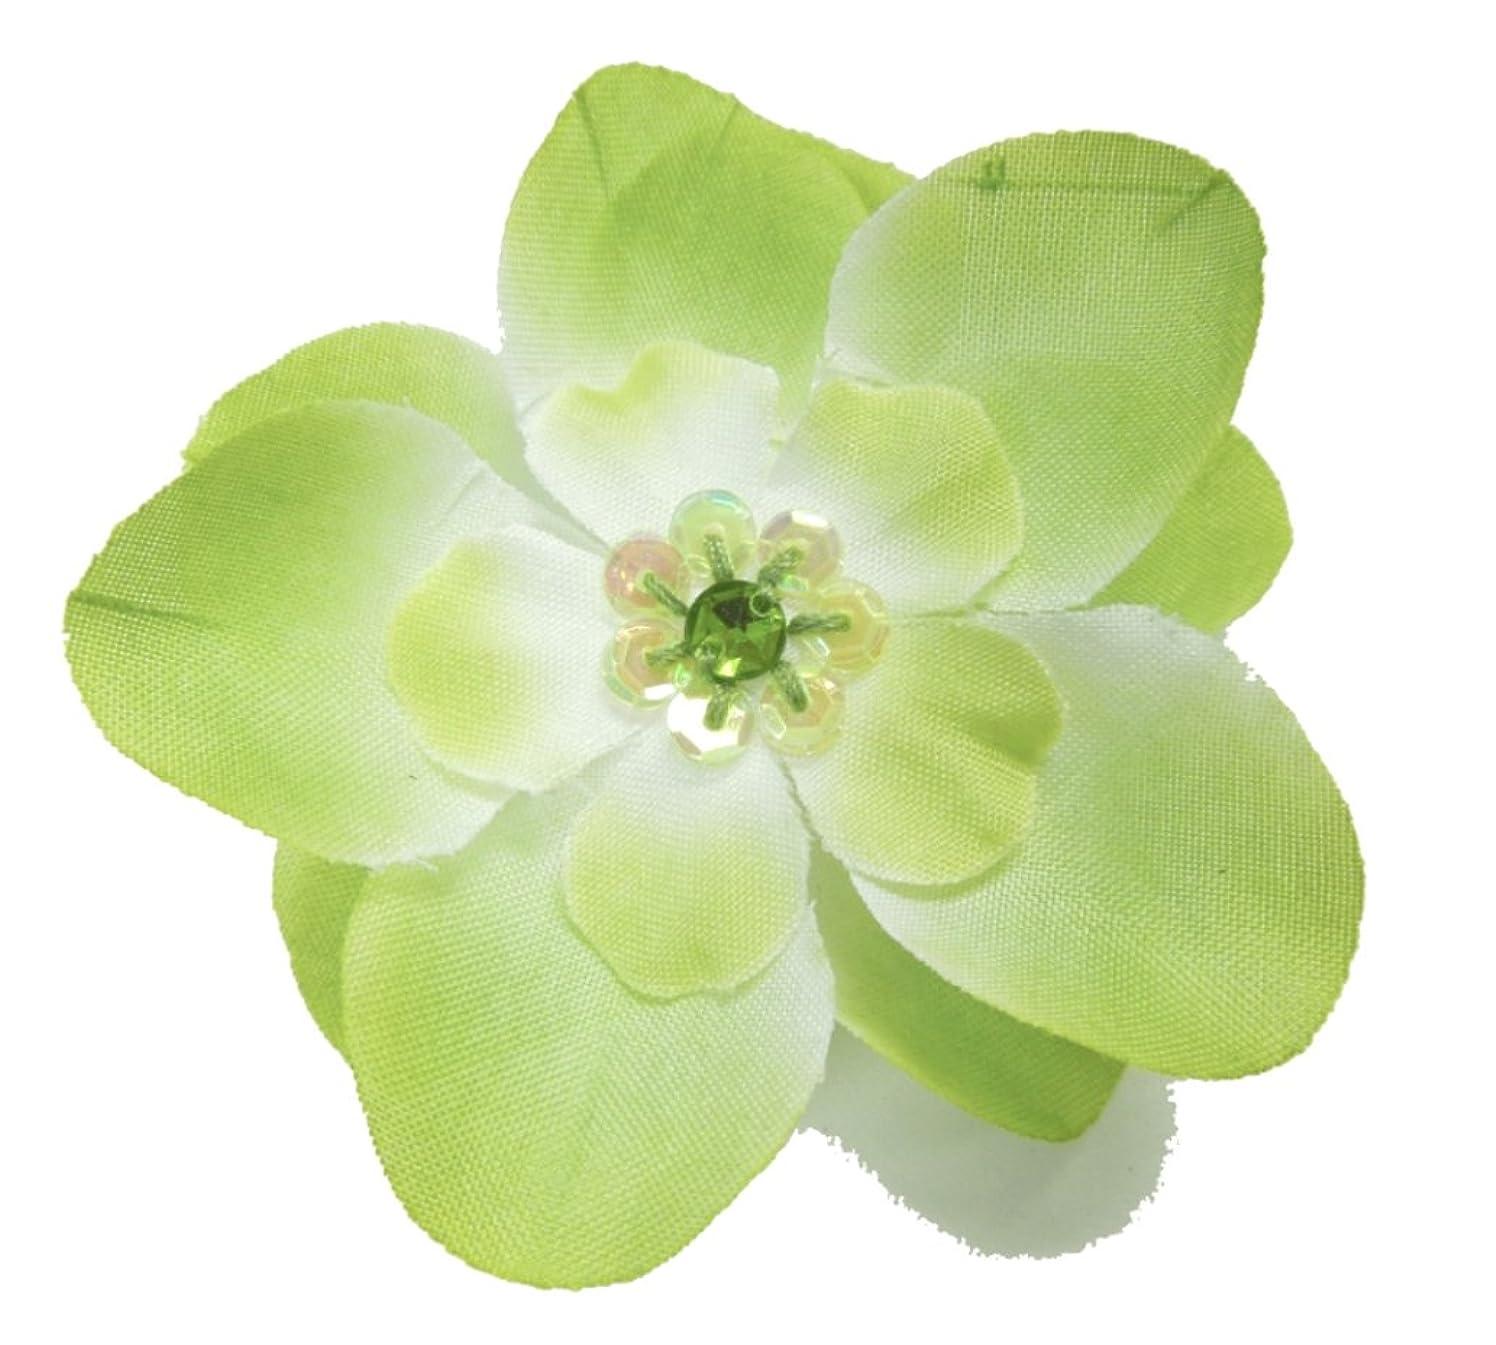 Cuteque International 6-Piece Embellished Flower Sequin Embellishment, Moss Green